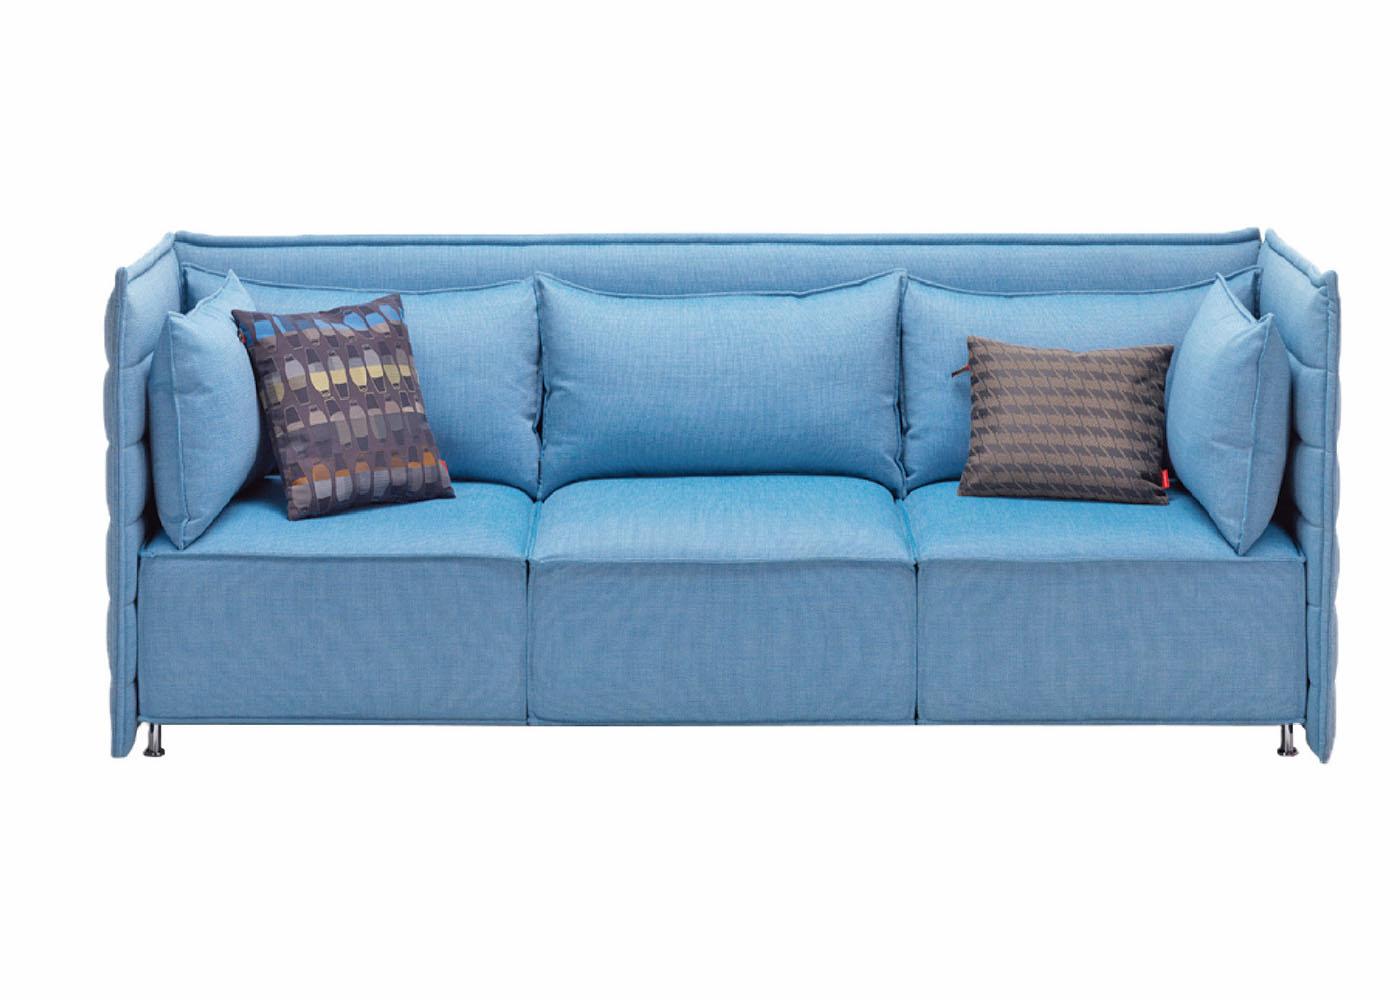 爱纳斯休闲沙发A25,上海休闲沙发,【尺寸 价格 图片 品牌】